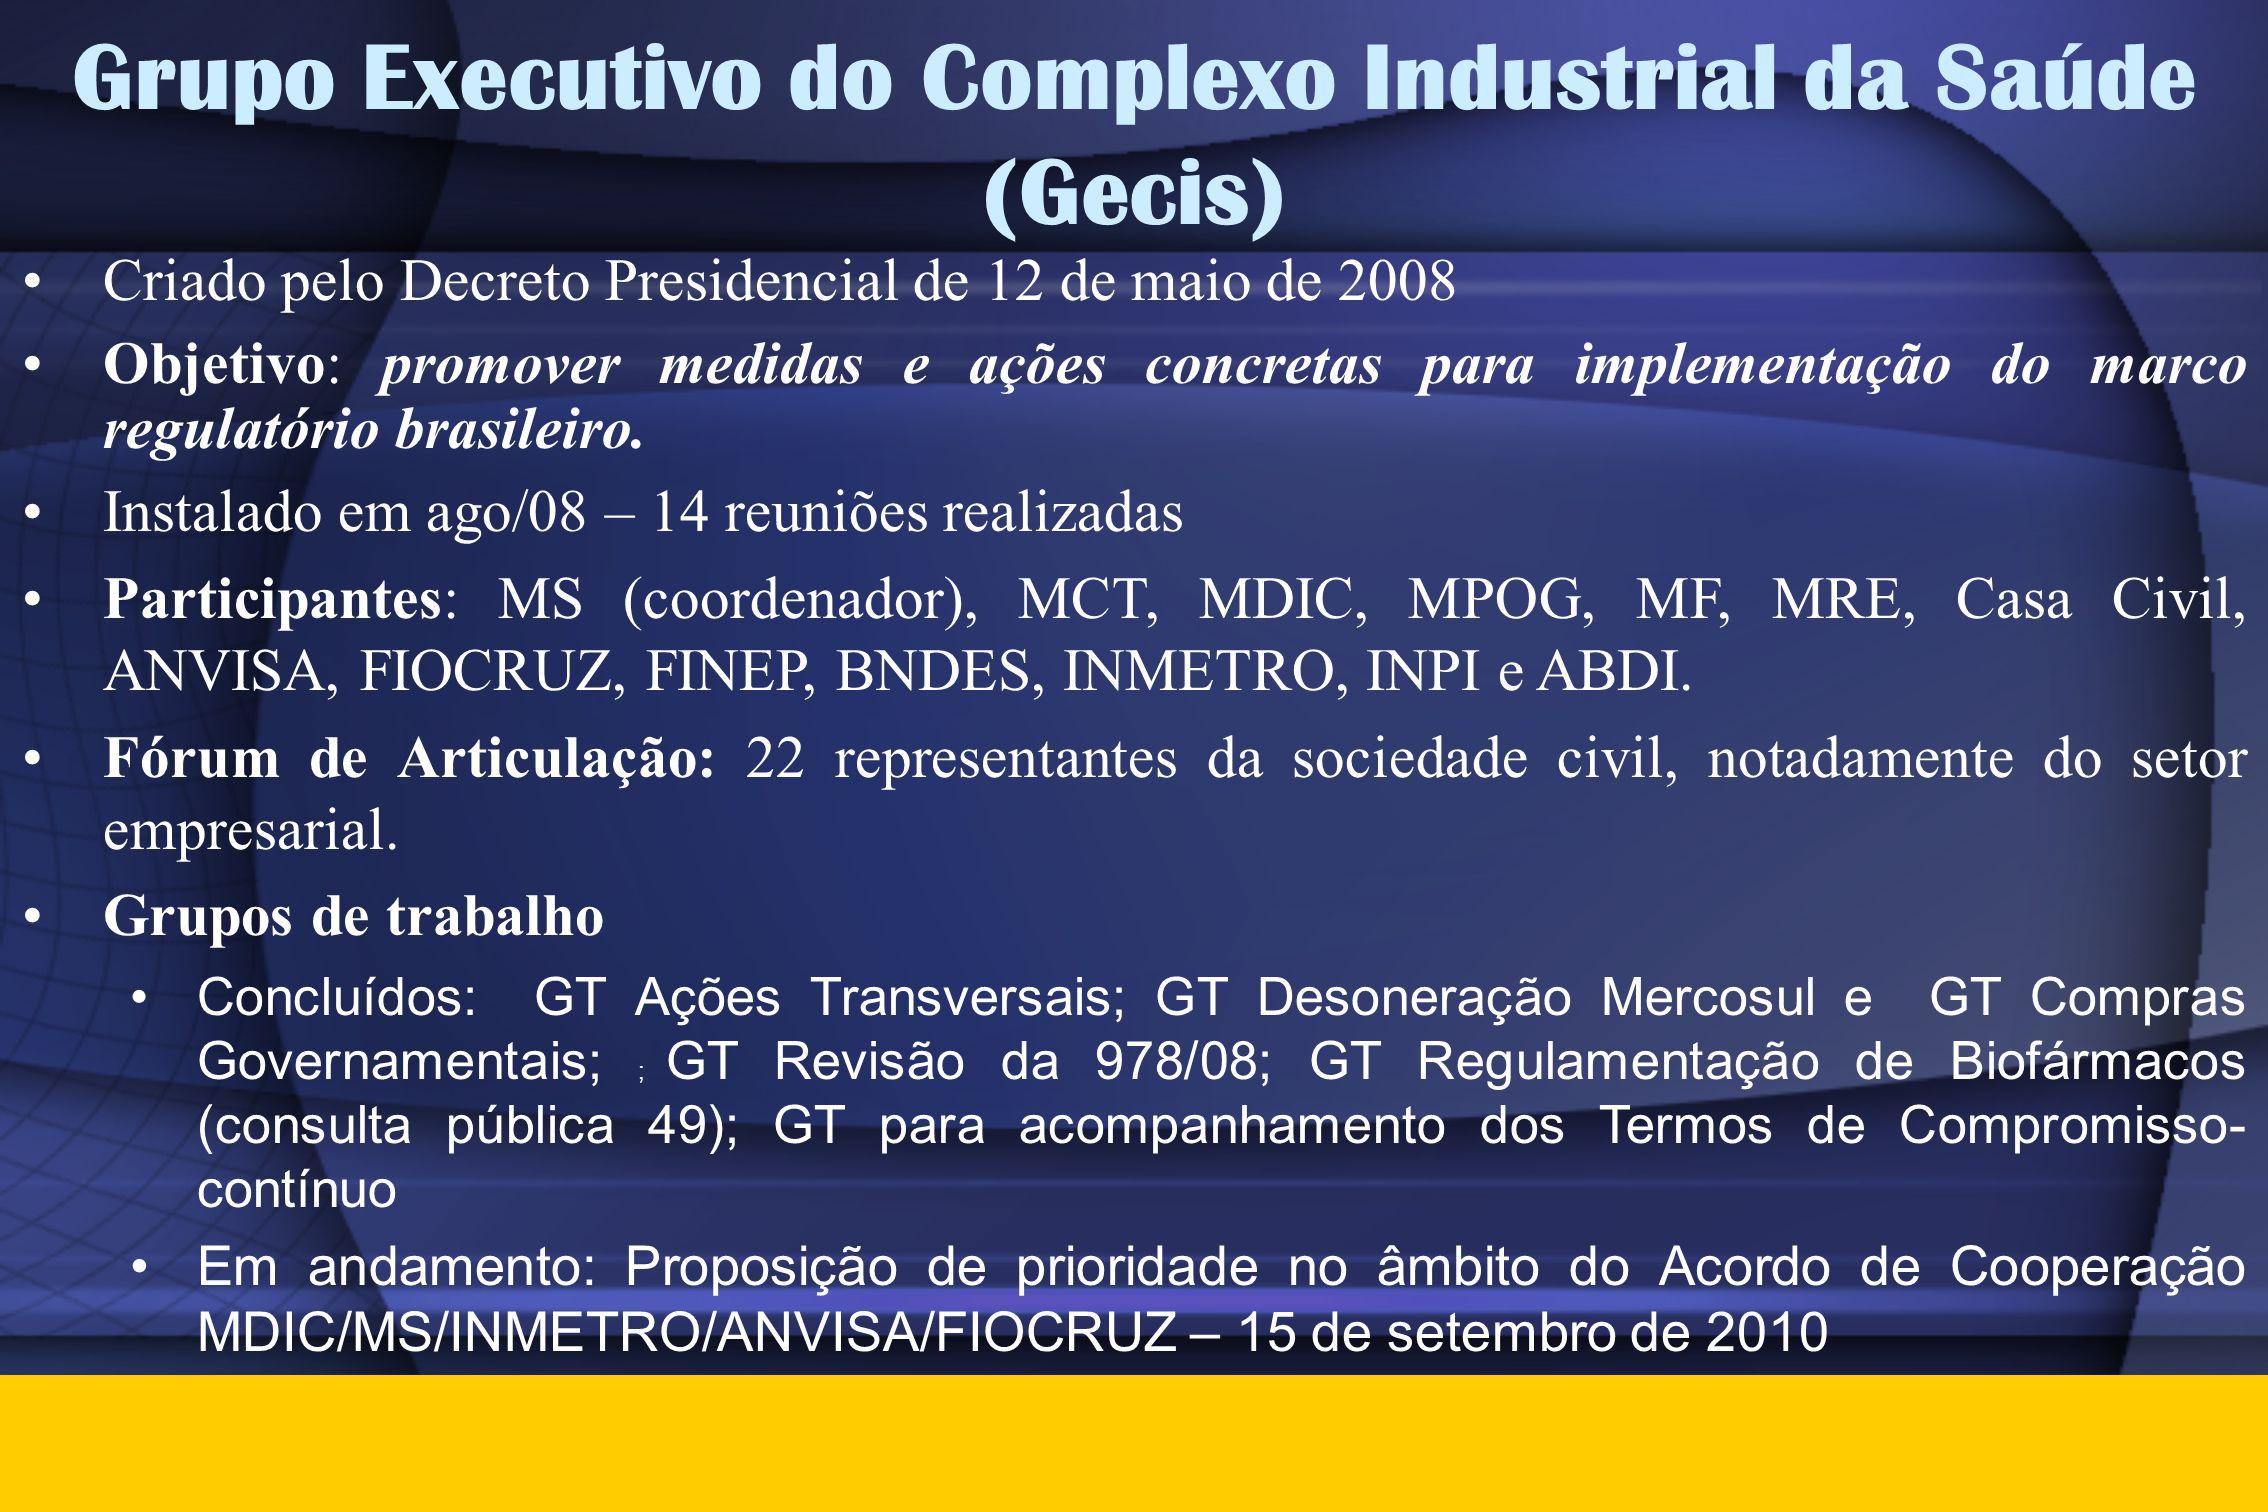 Brasil – Argentina (2009) –Programa de trabalho para apoiar atividades de pesquisa, desenvolvimento tecnológico e formação de pessoal qualificado no campo da Terapia Celular.